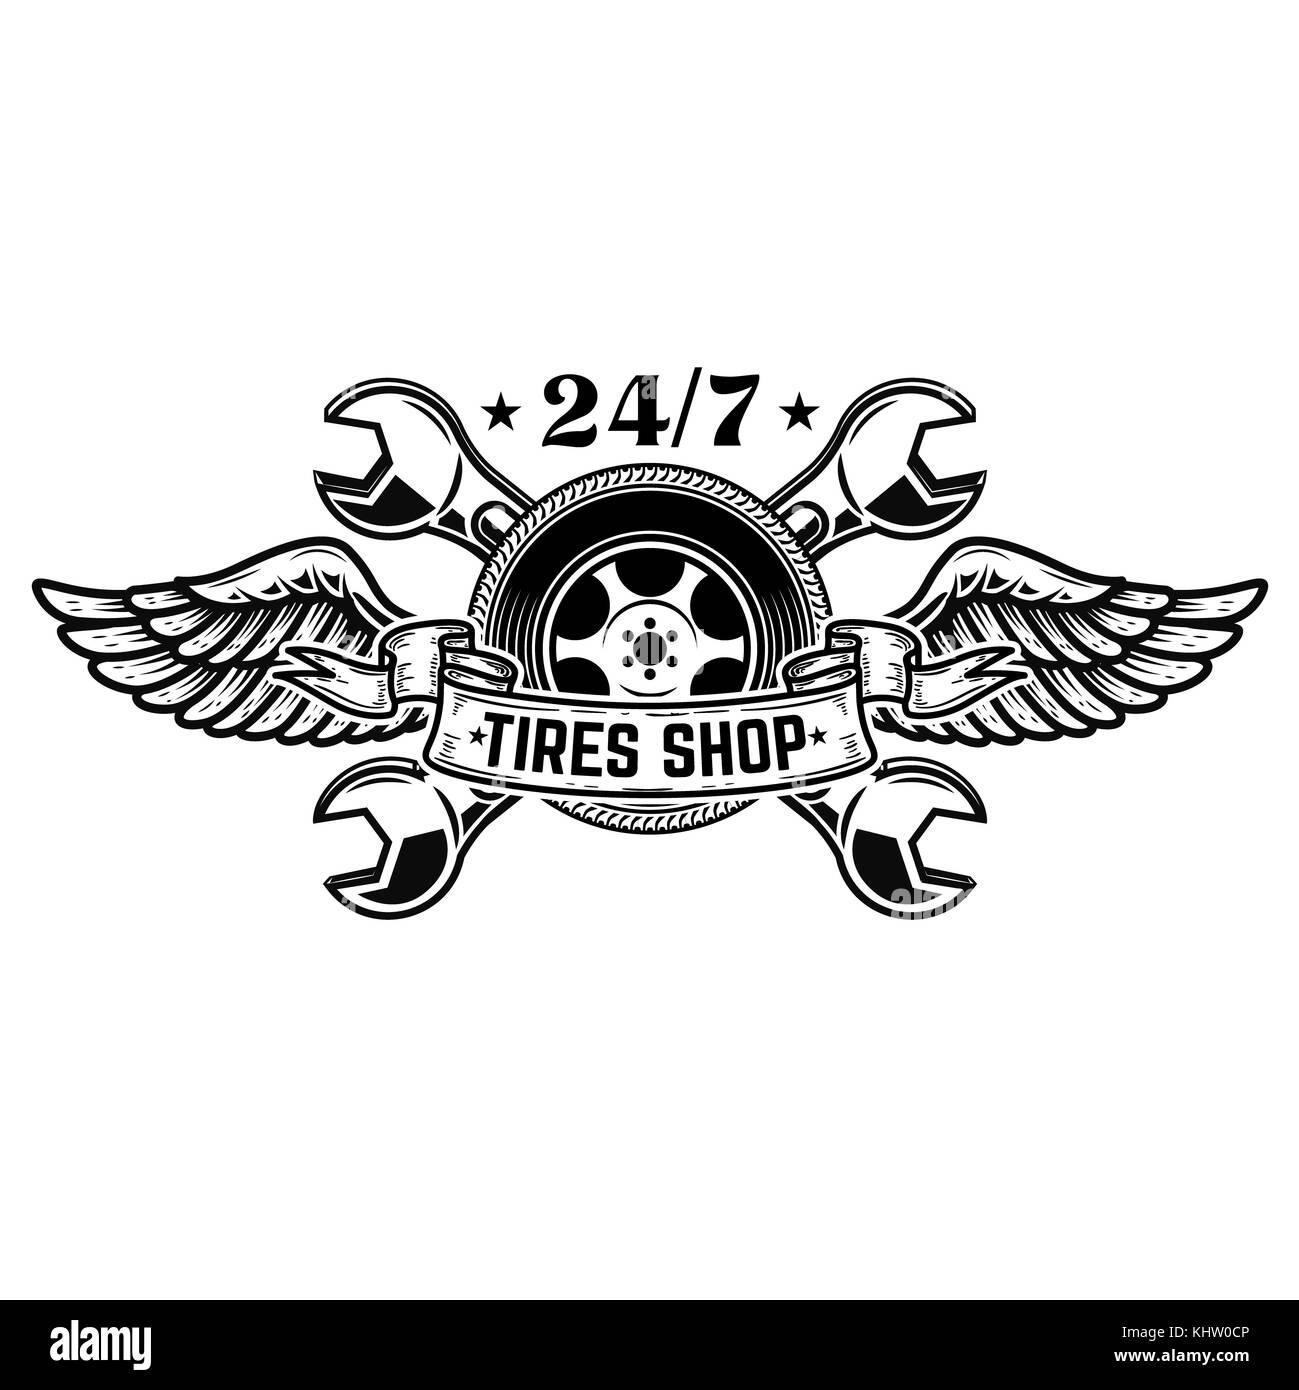 Reifen shop Emblem Vorlage. Auto Rad mit Flügeln ...